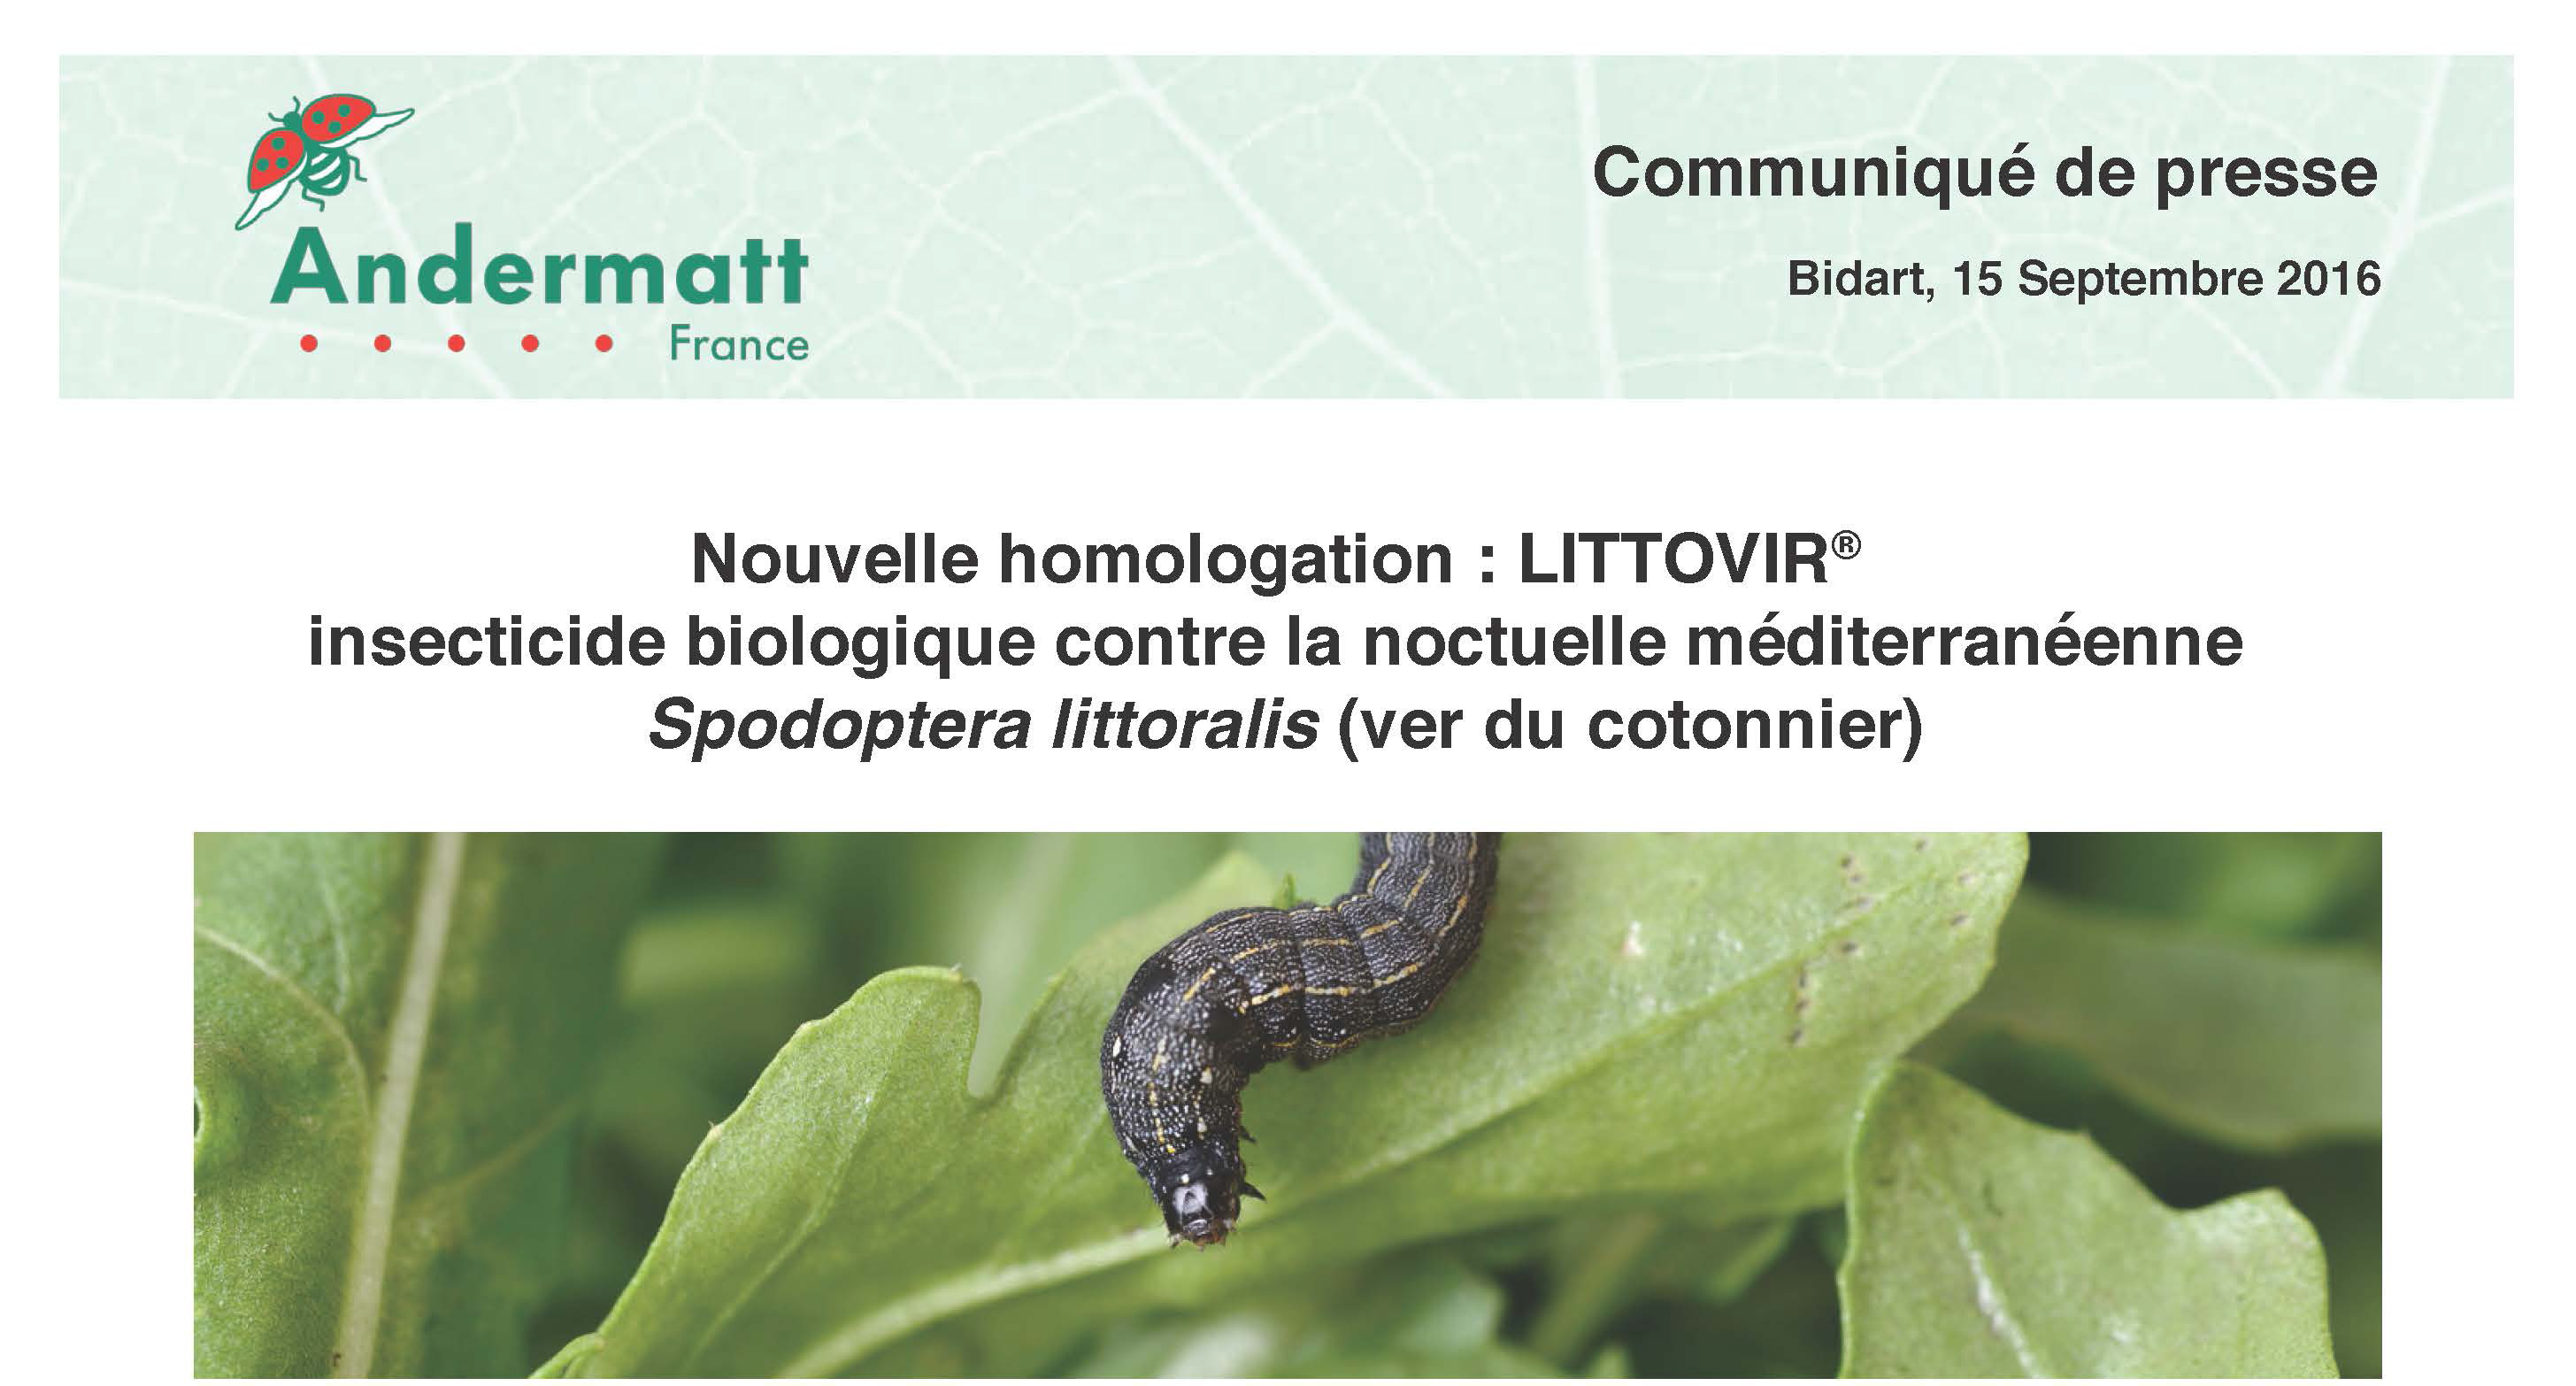 Communique presse LittovirAndermatt-France